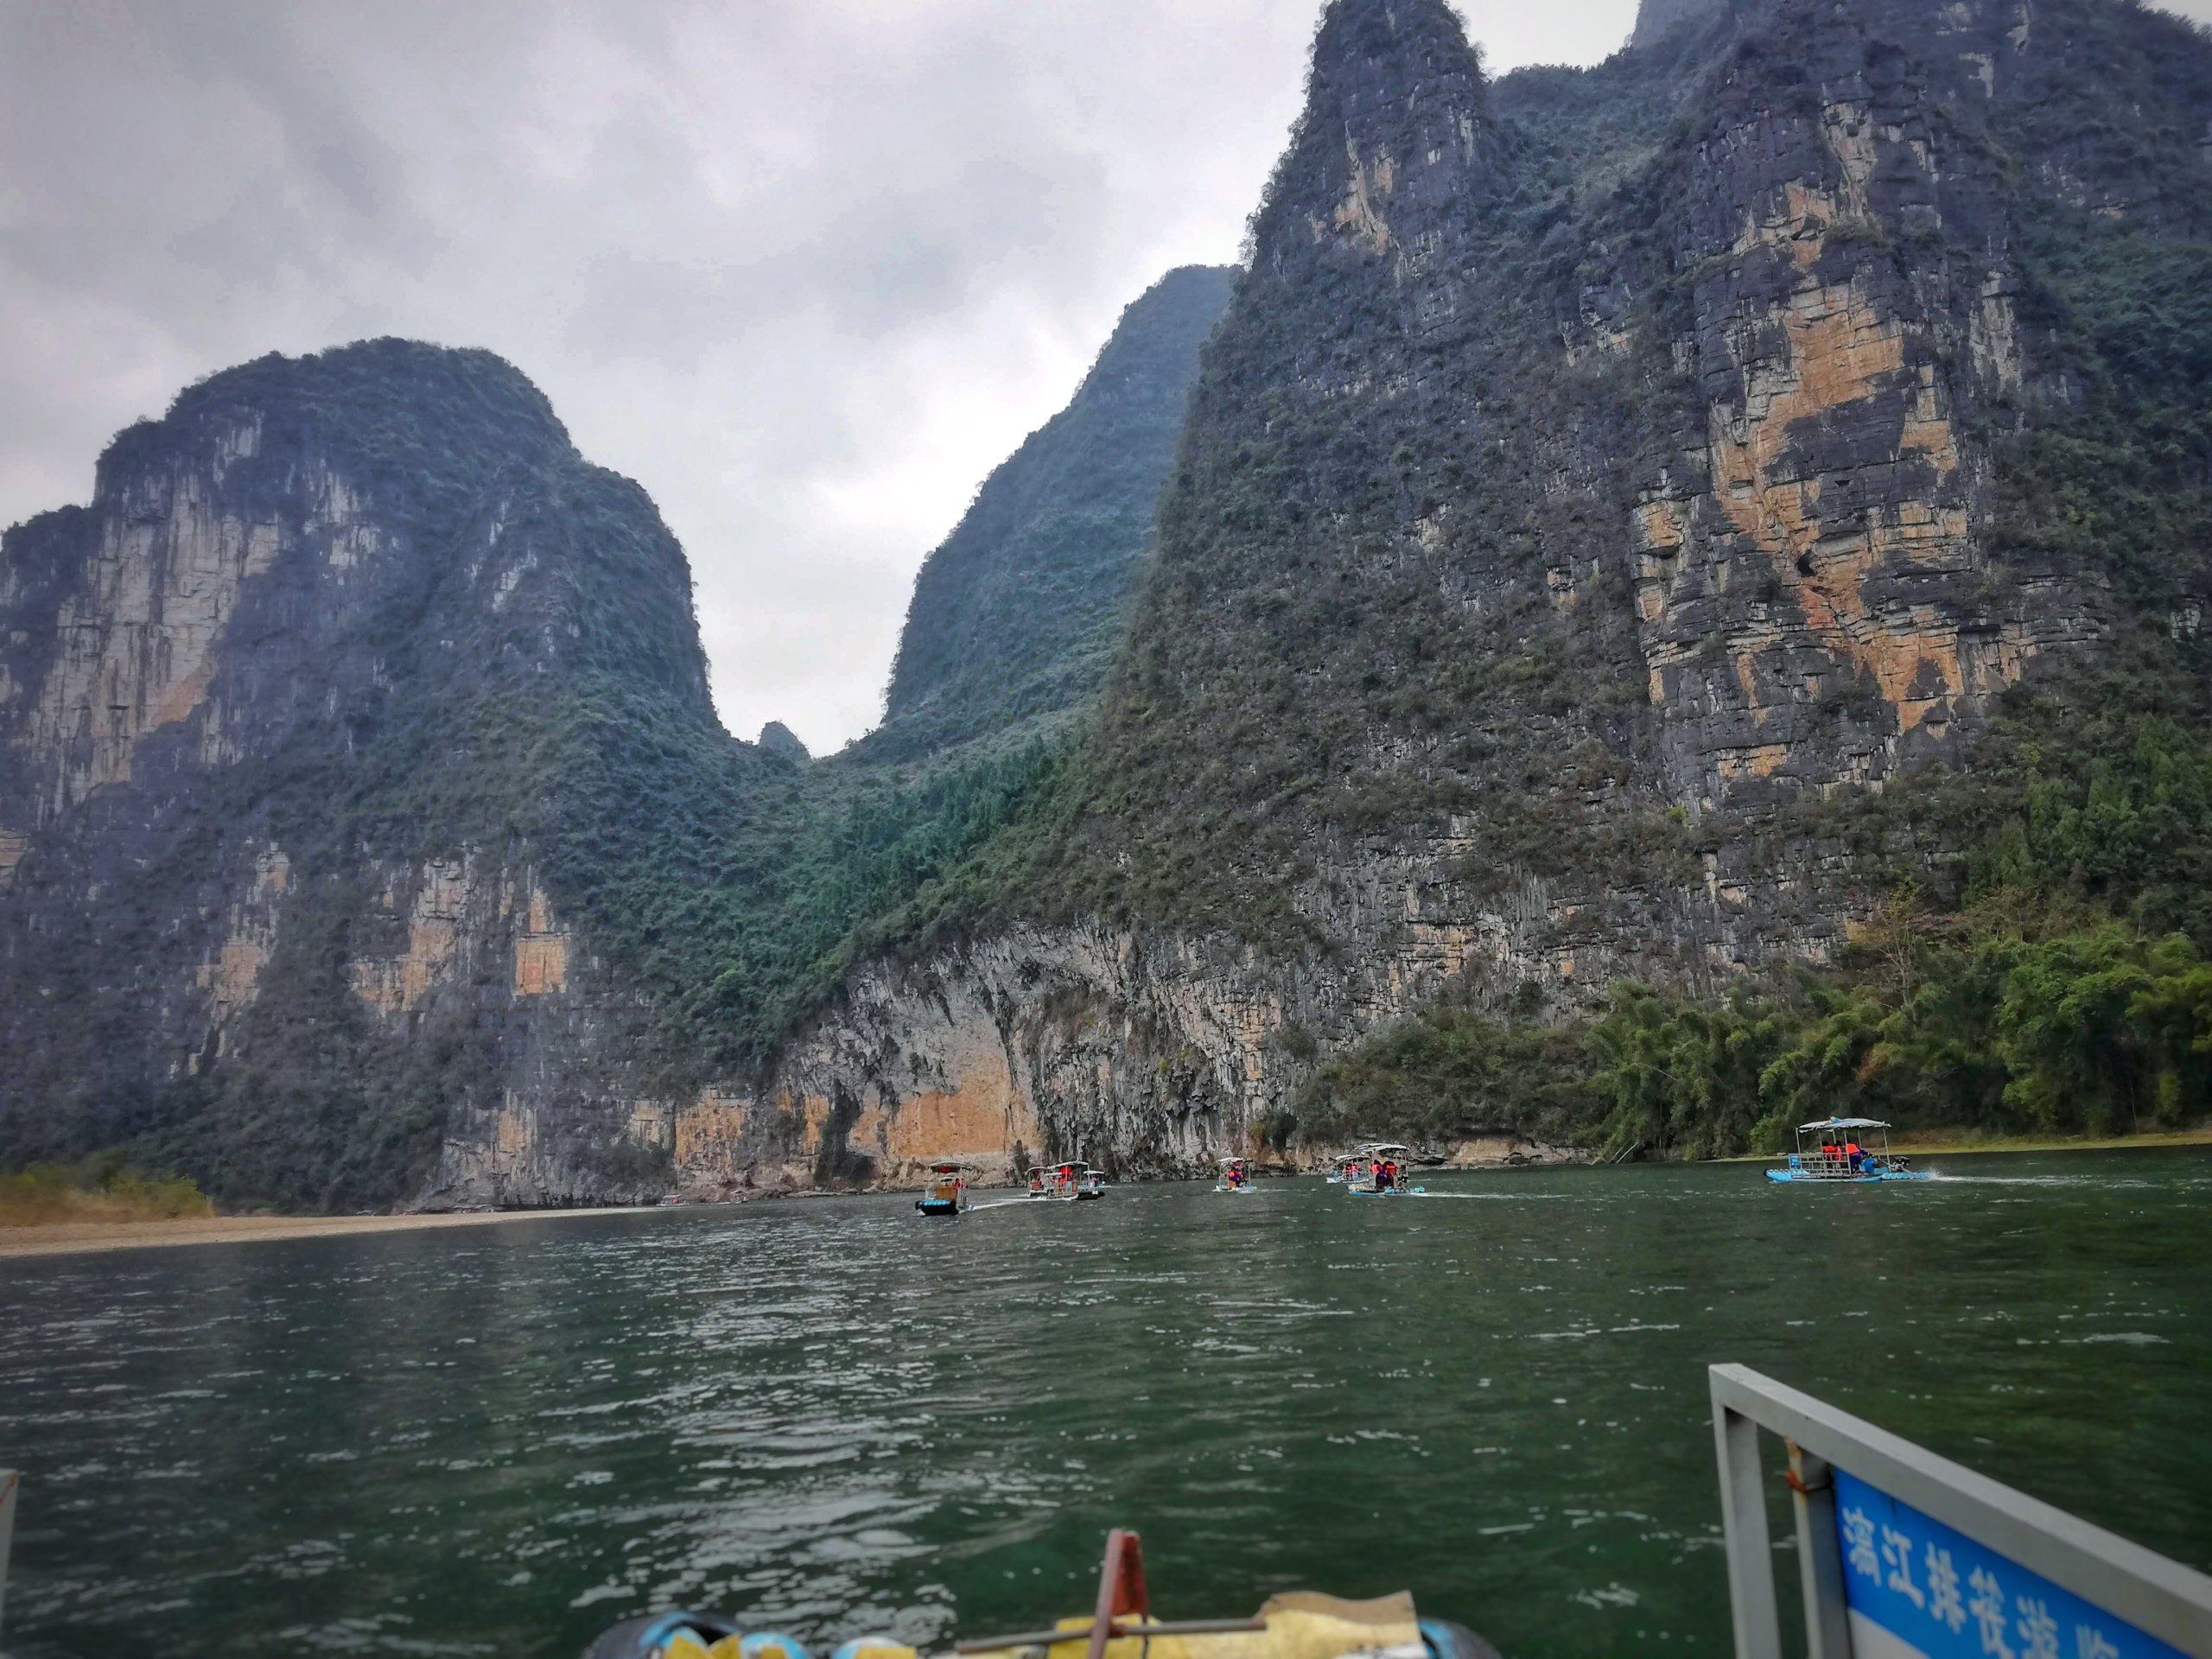 船から見た桂林の川下りの様子